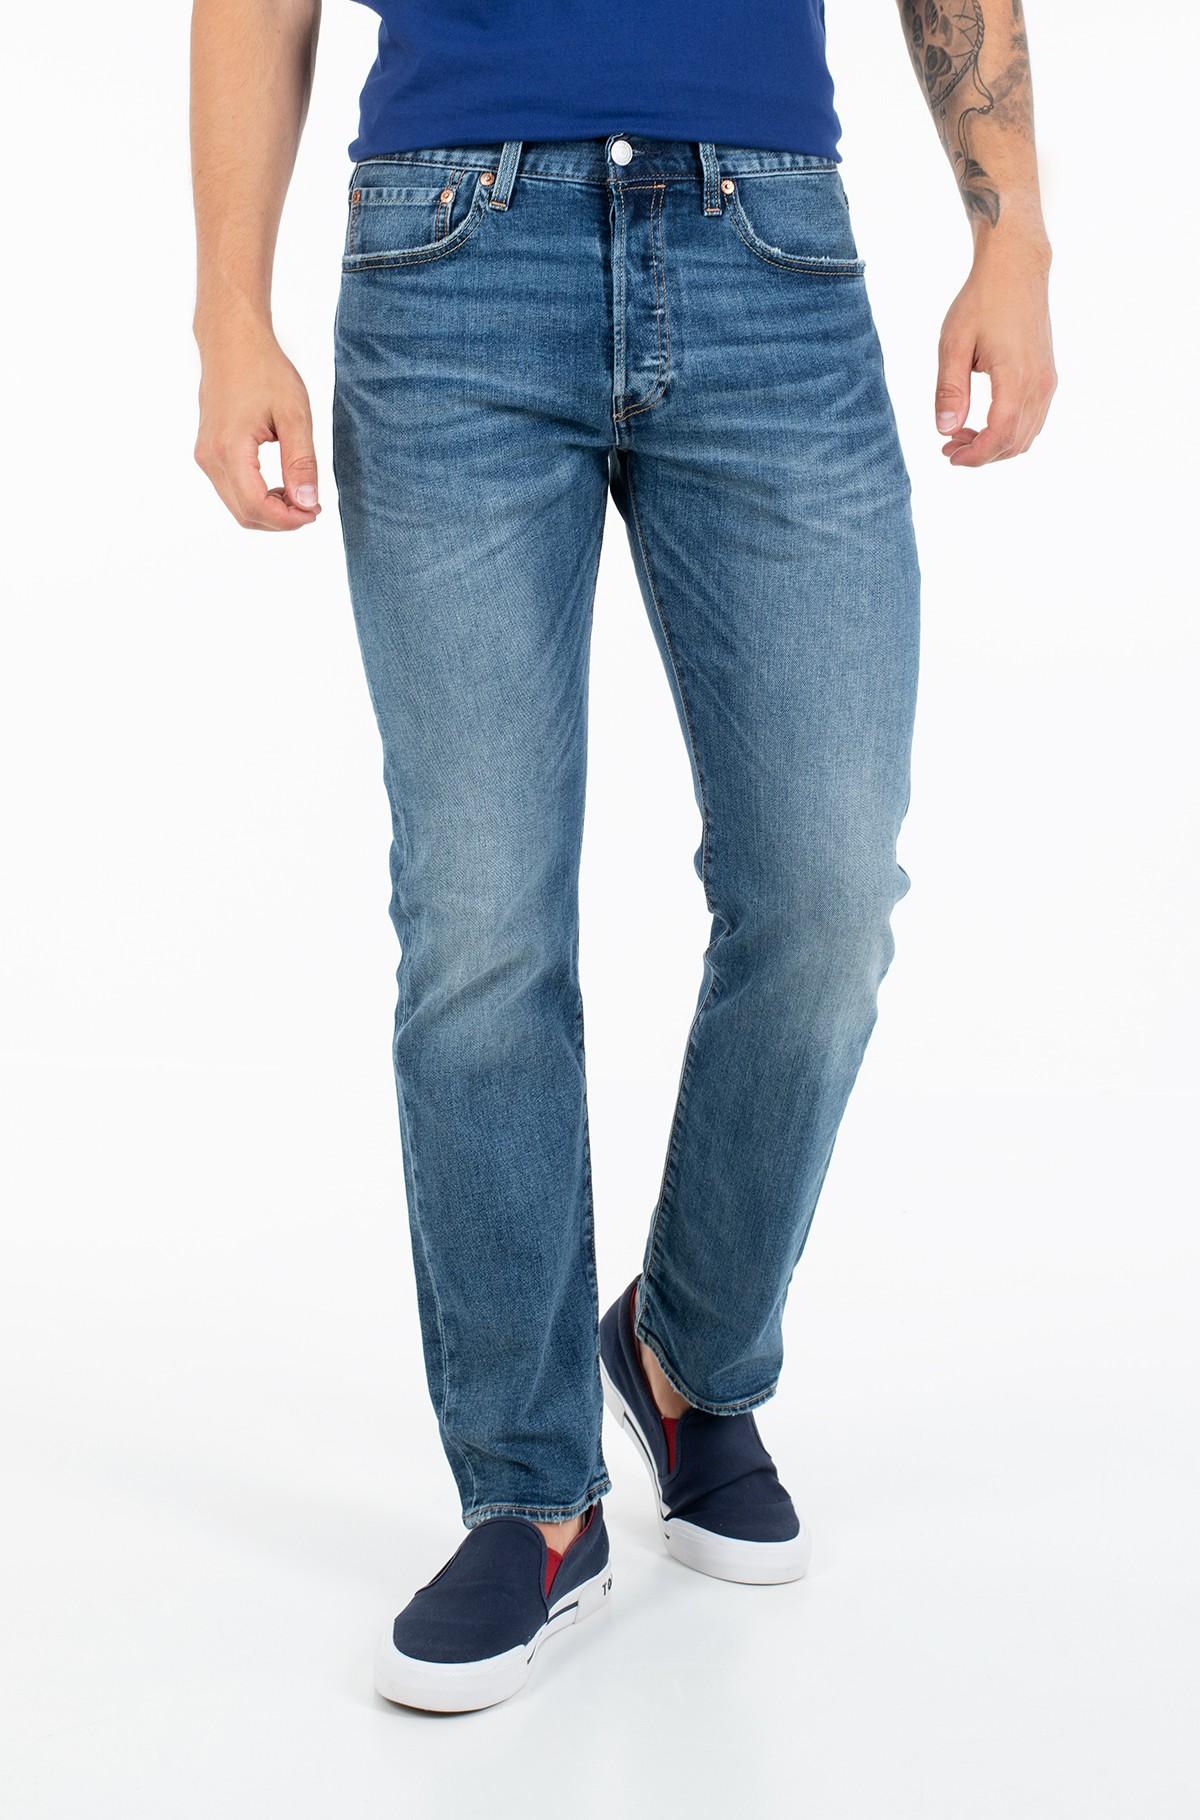 Jeans 005013058-full-1